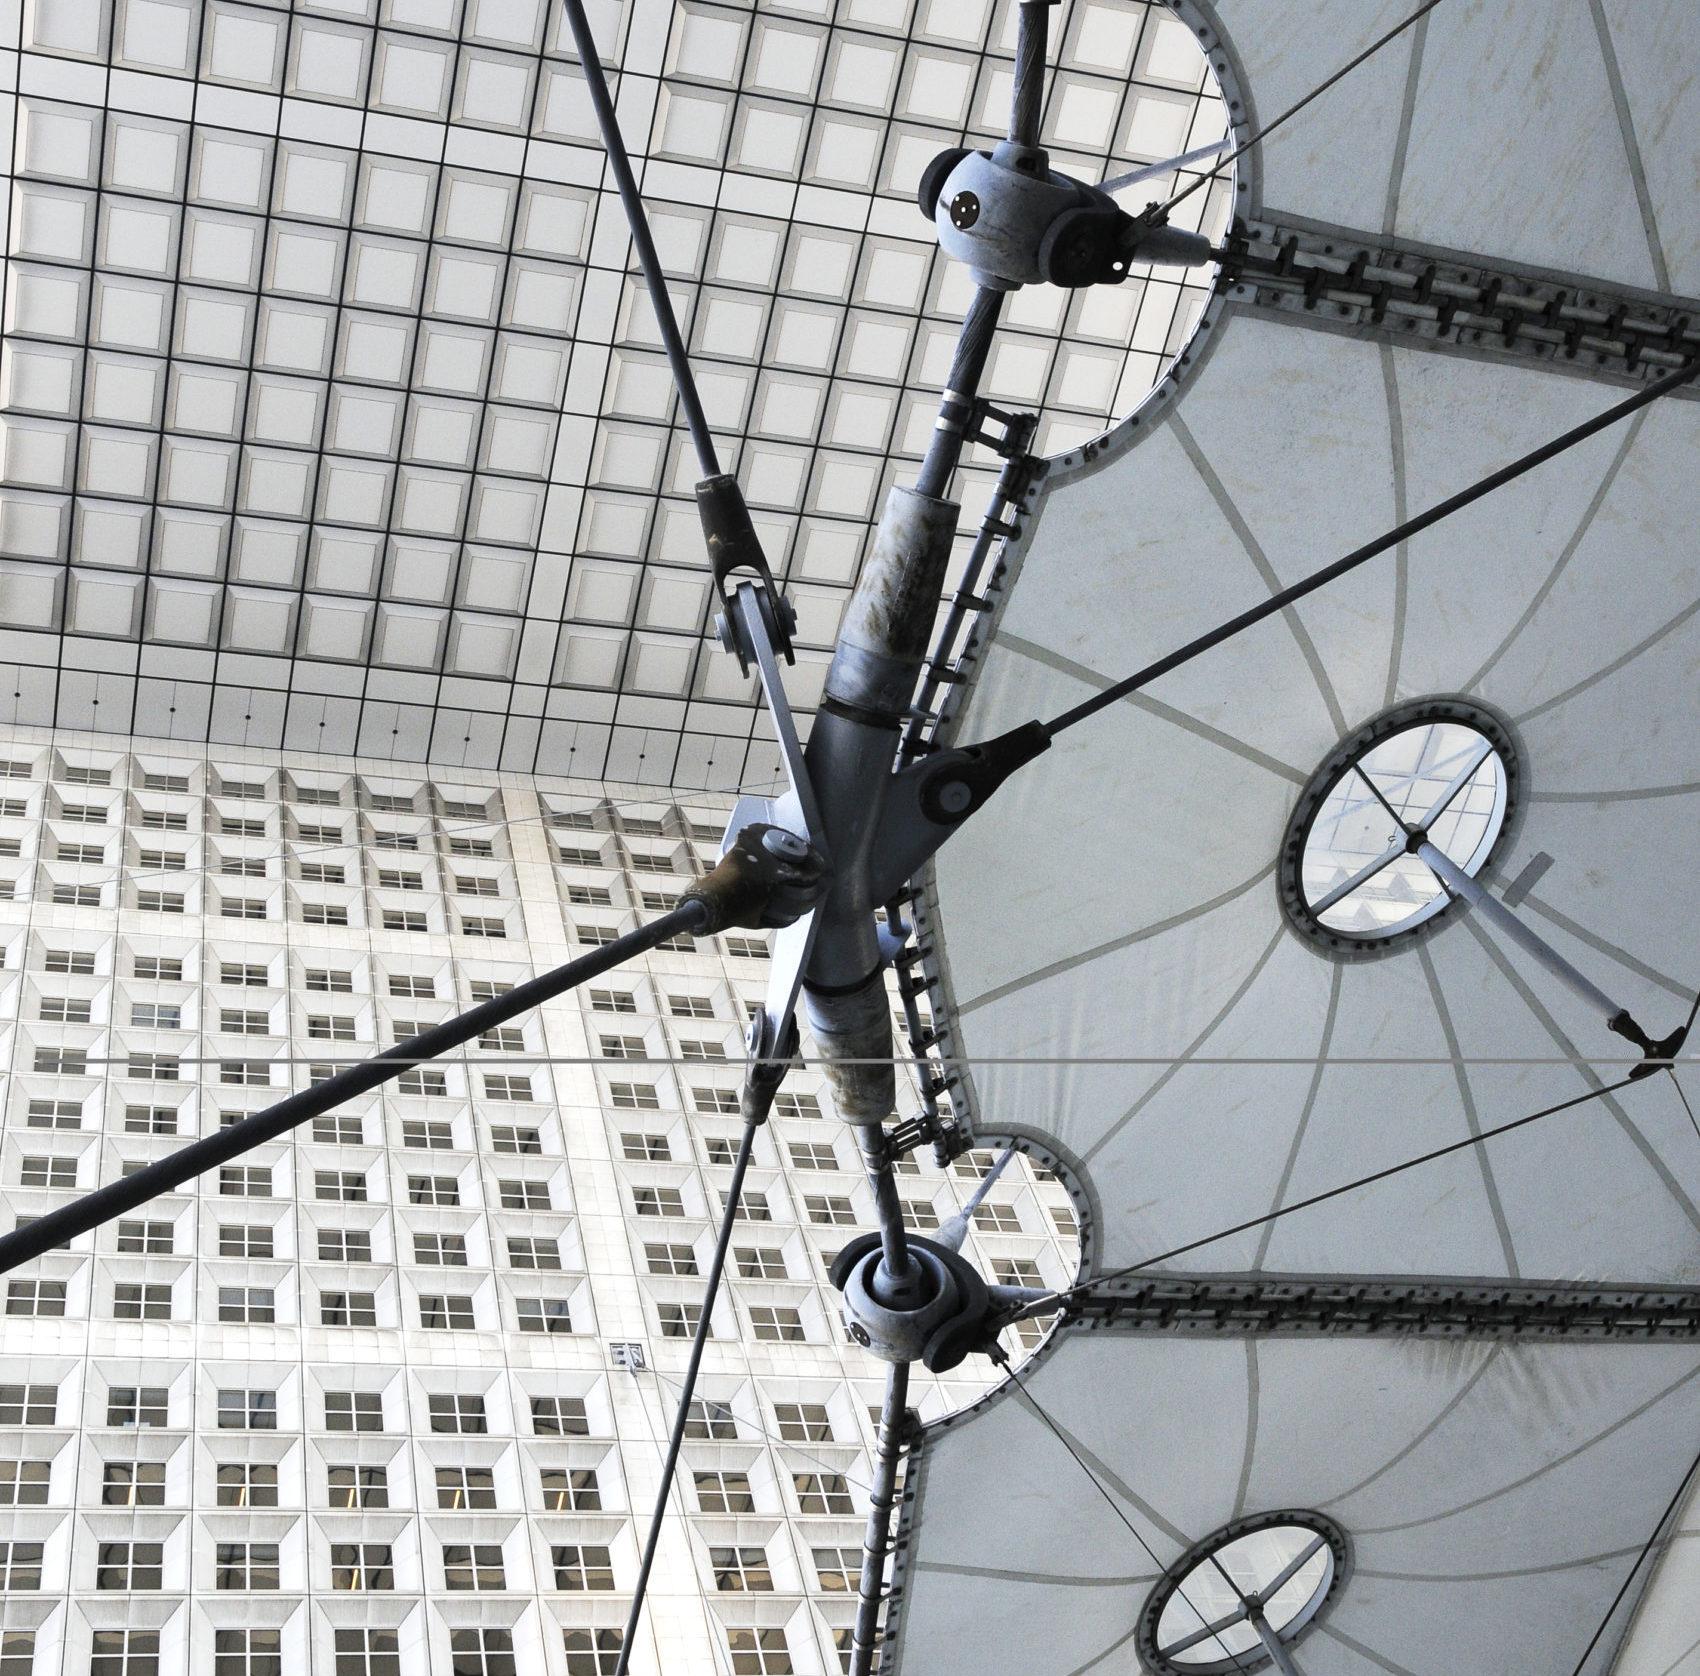 abstrakte bauliche Konturen in grauweiss, zum Begriff Architektur